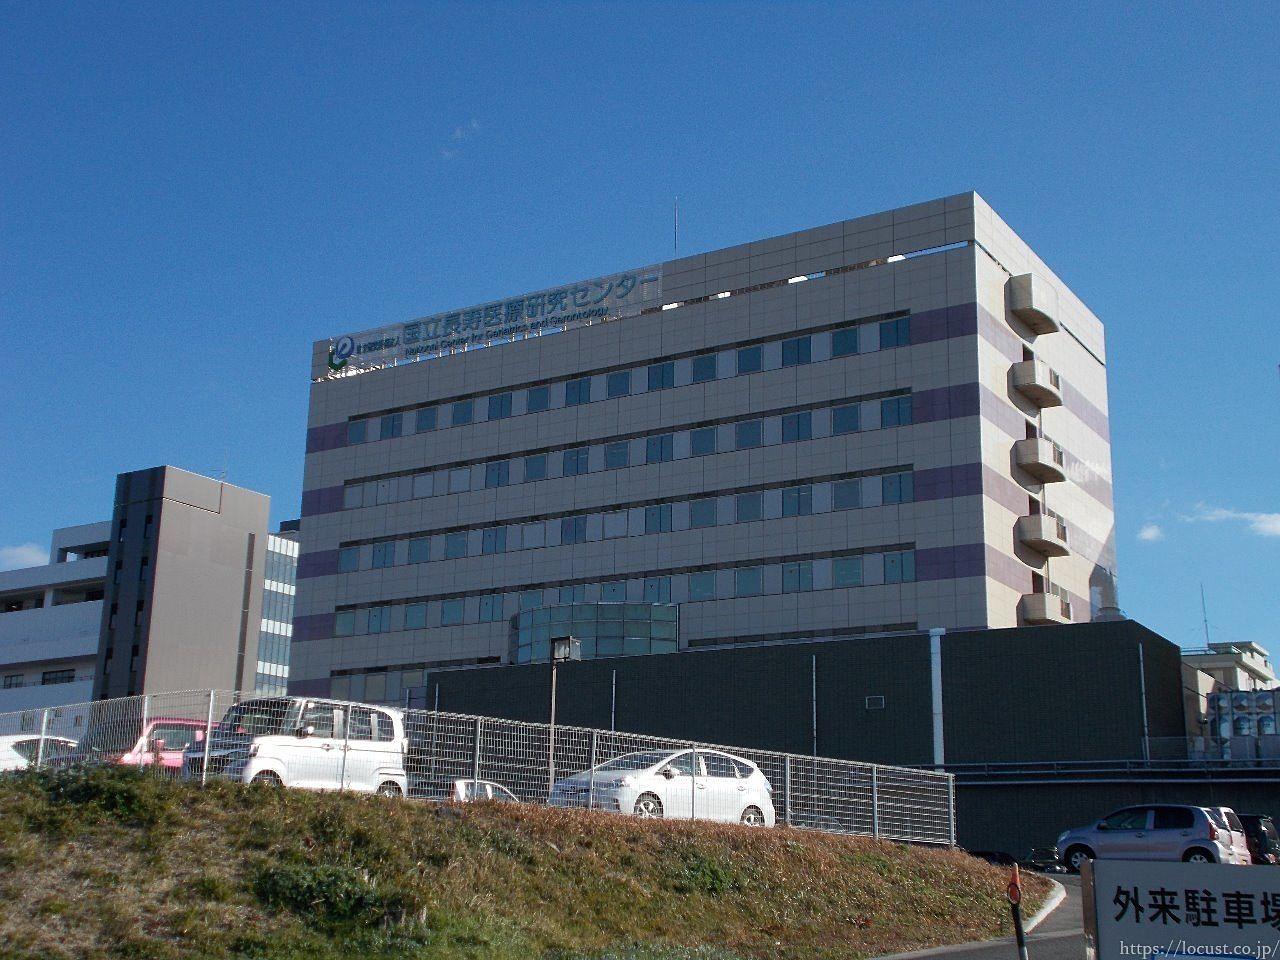 こちらは研究棟です。左側が2018年2月にオープンの新外来棟です。